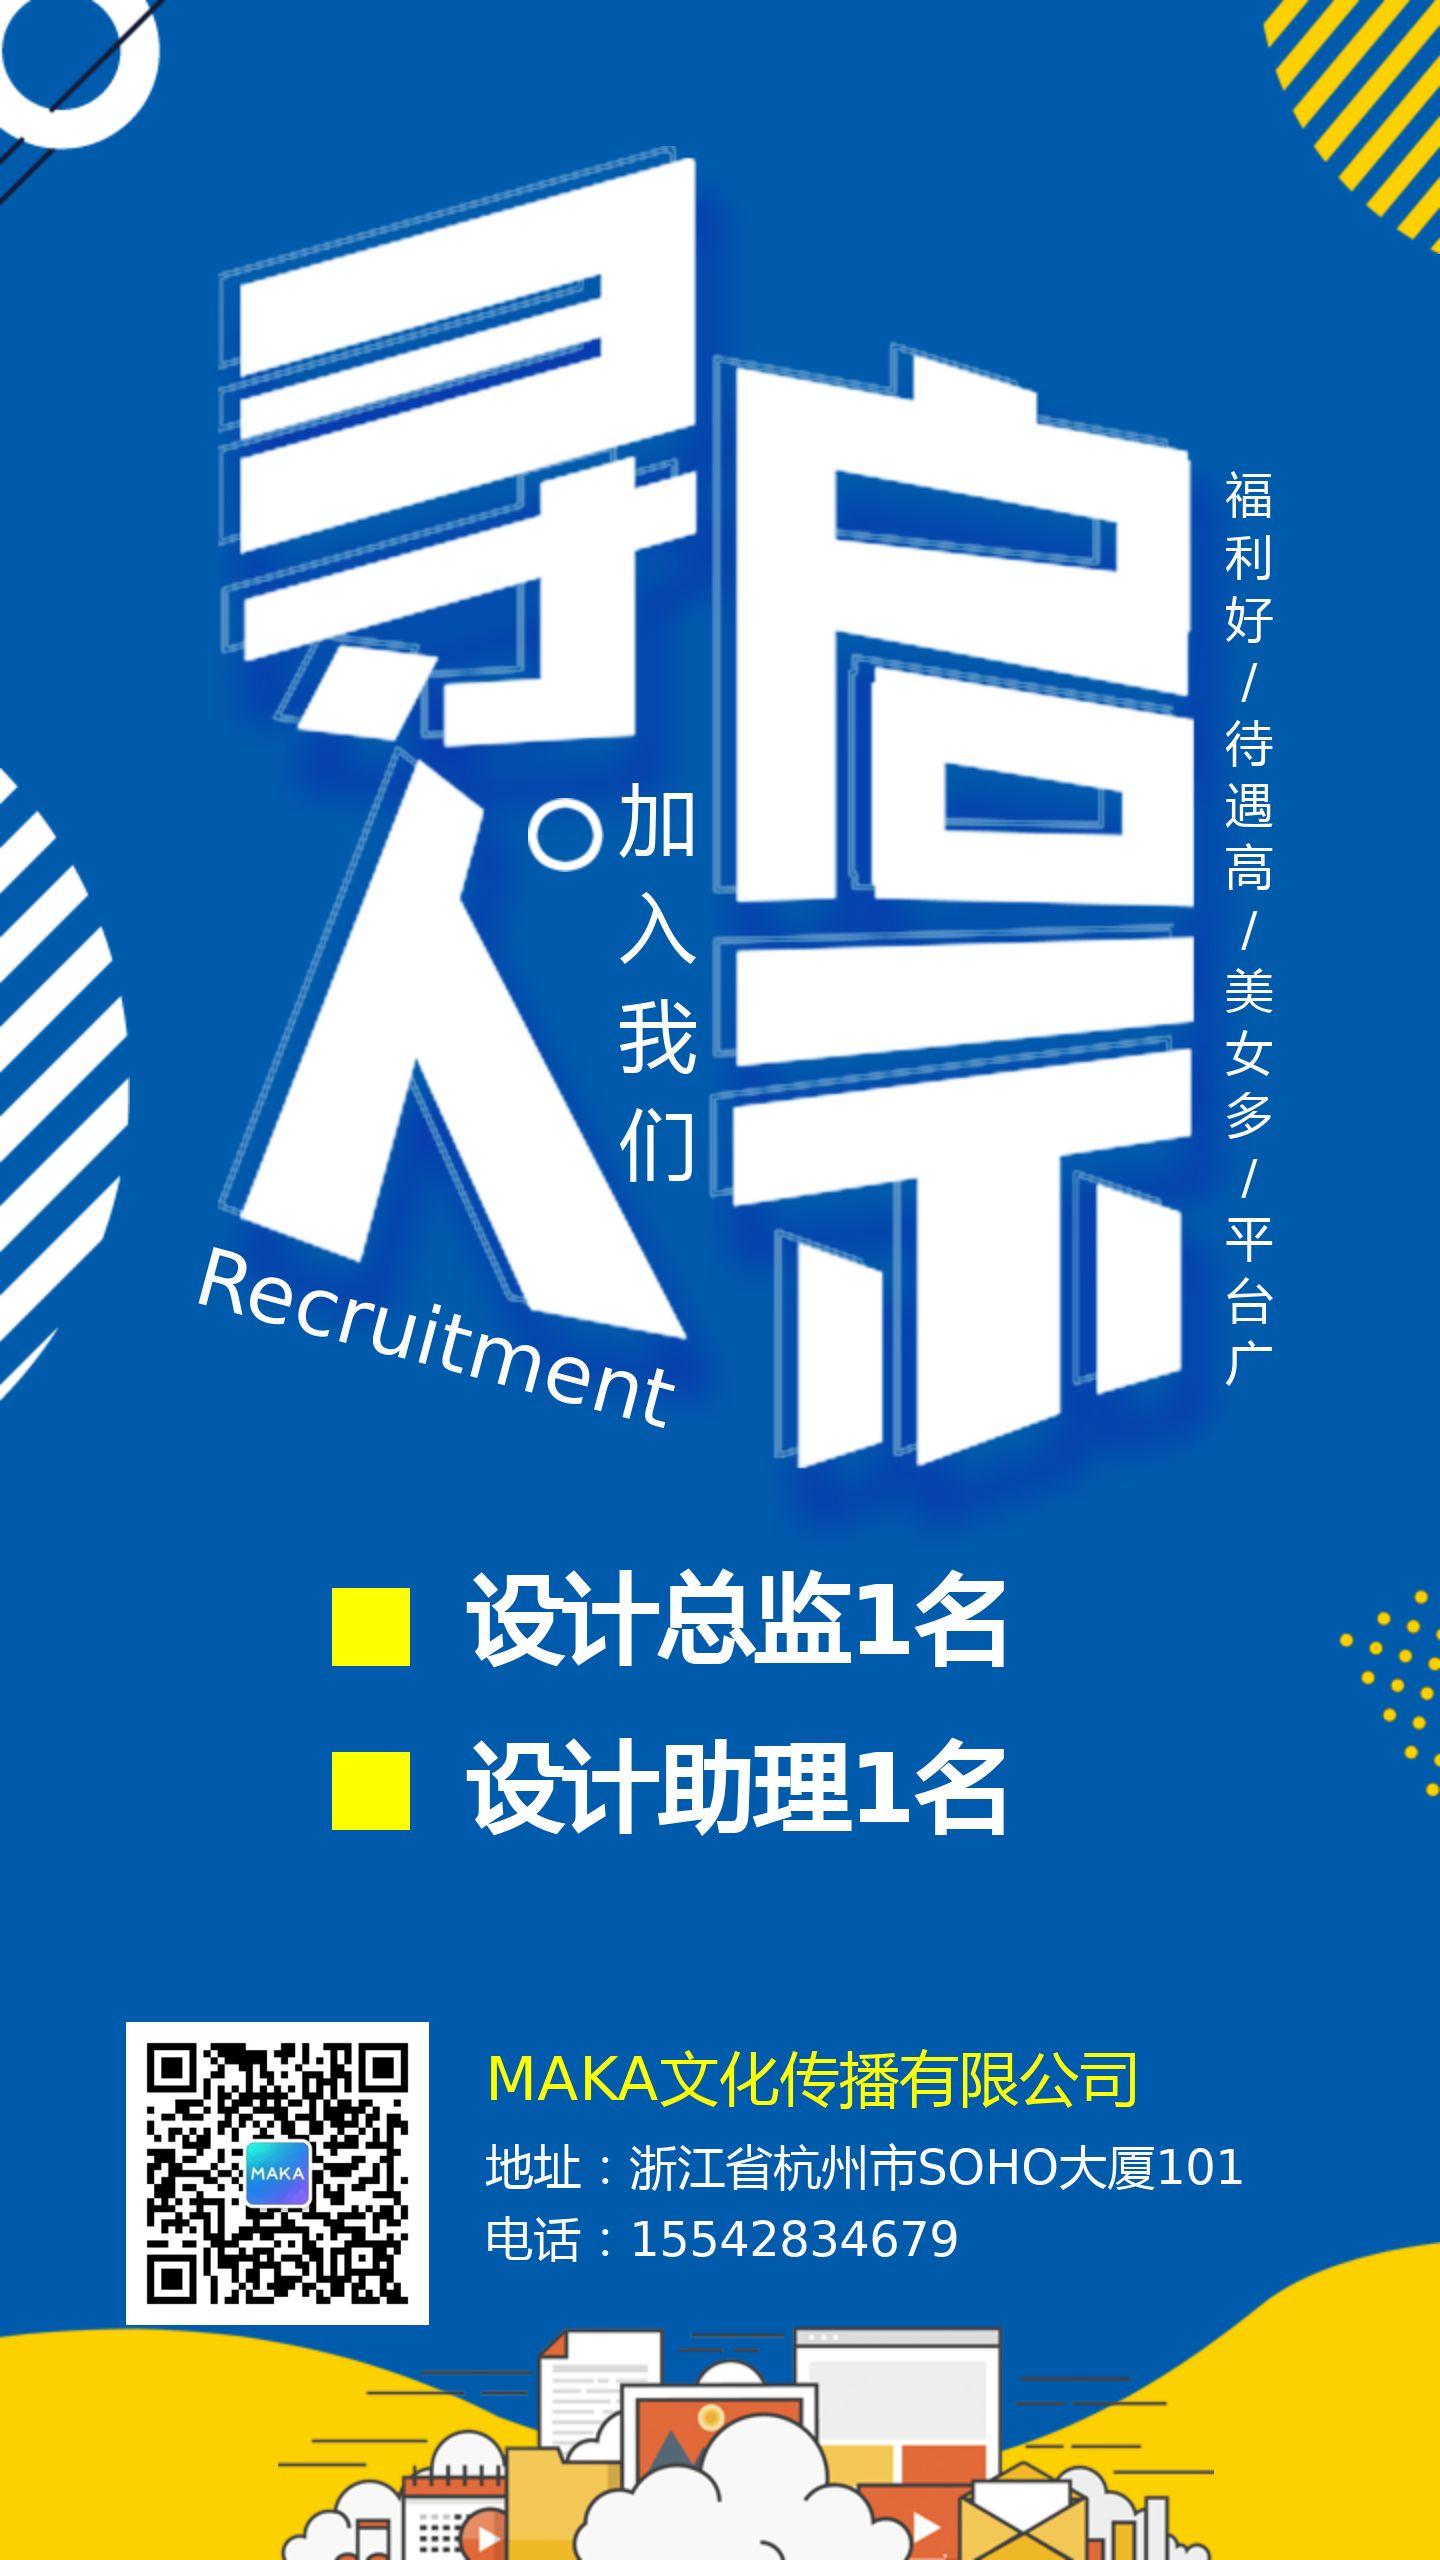 蓝色简约文化科技公司企业通用招聘招募宣传海报